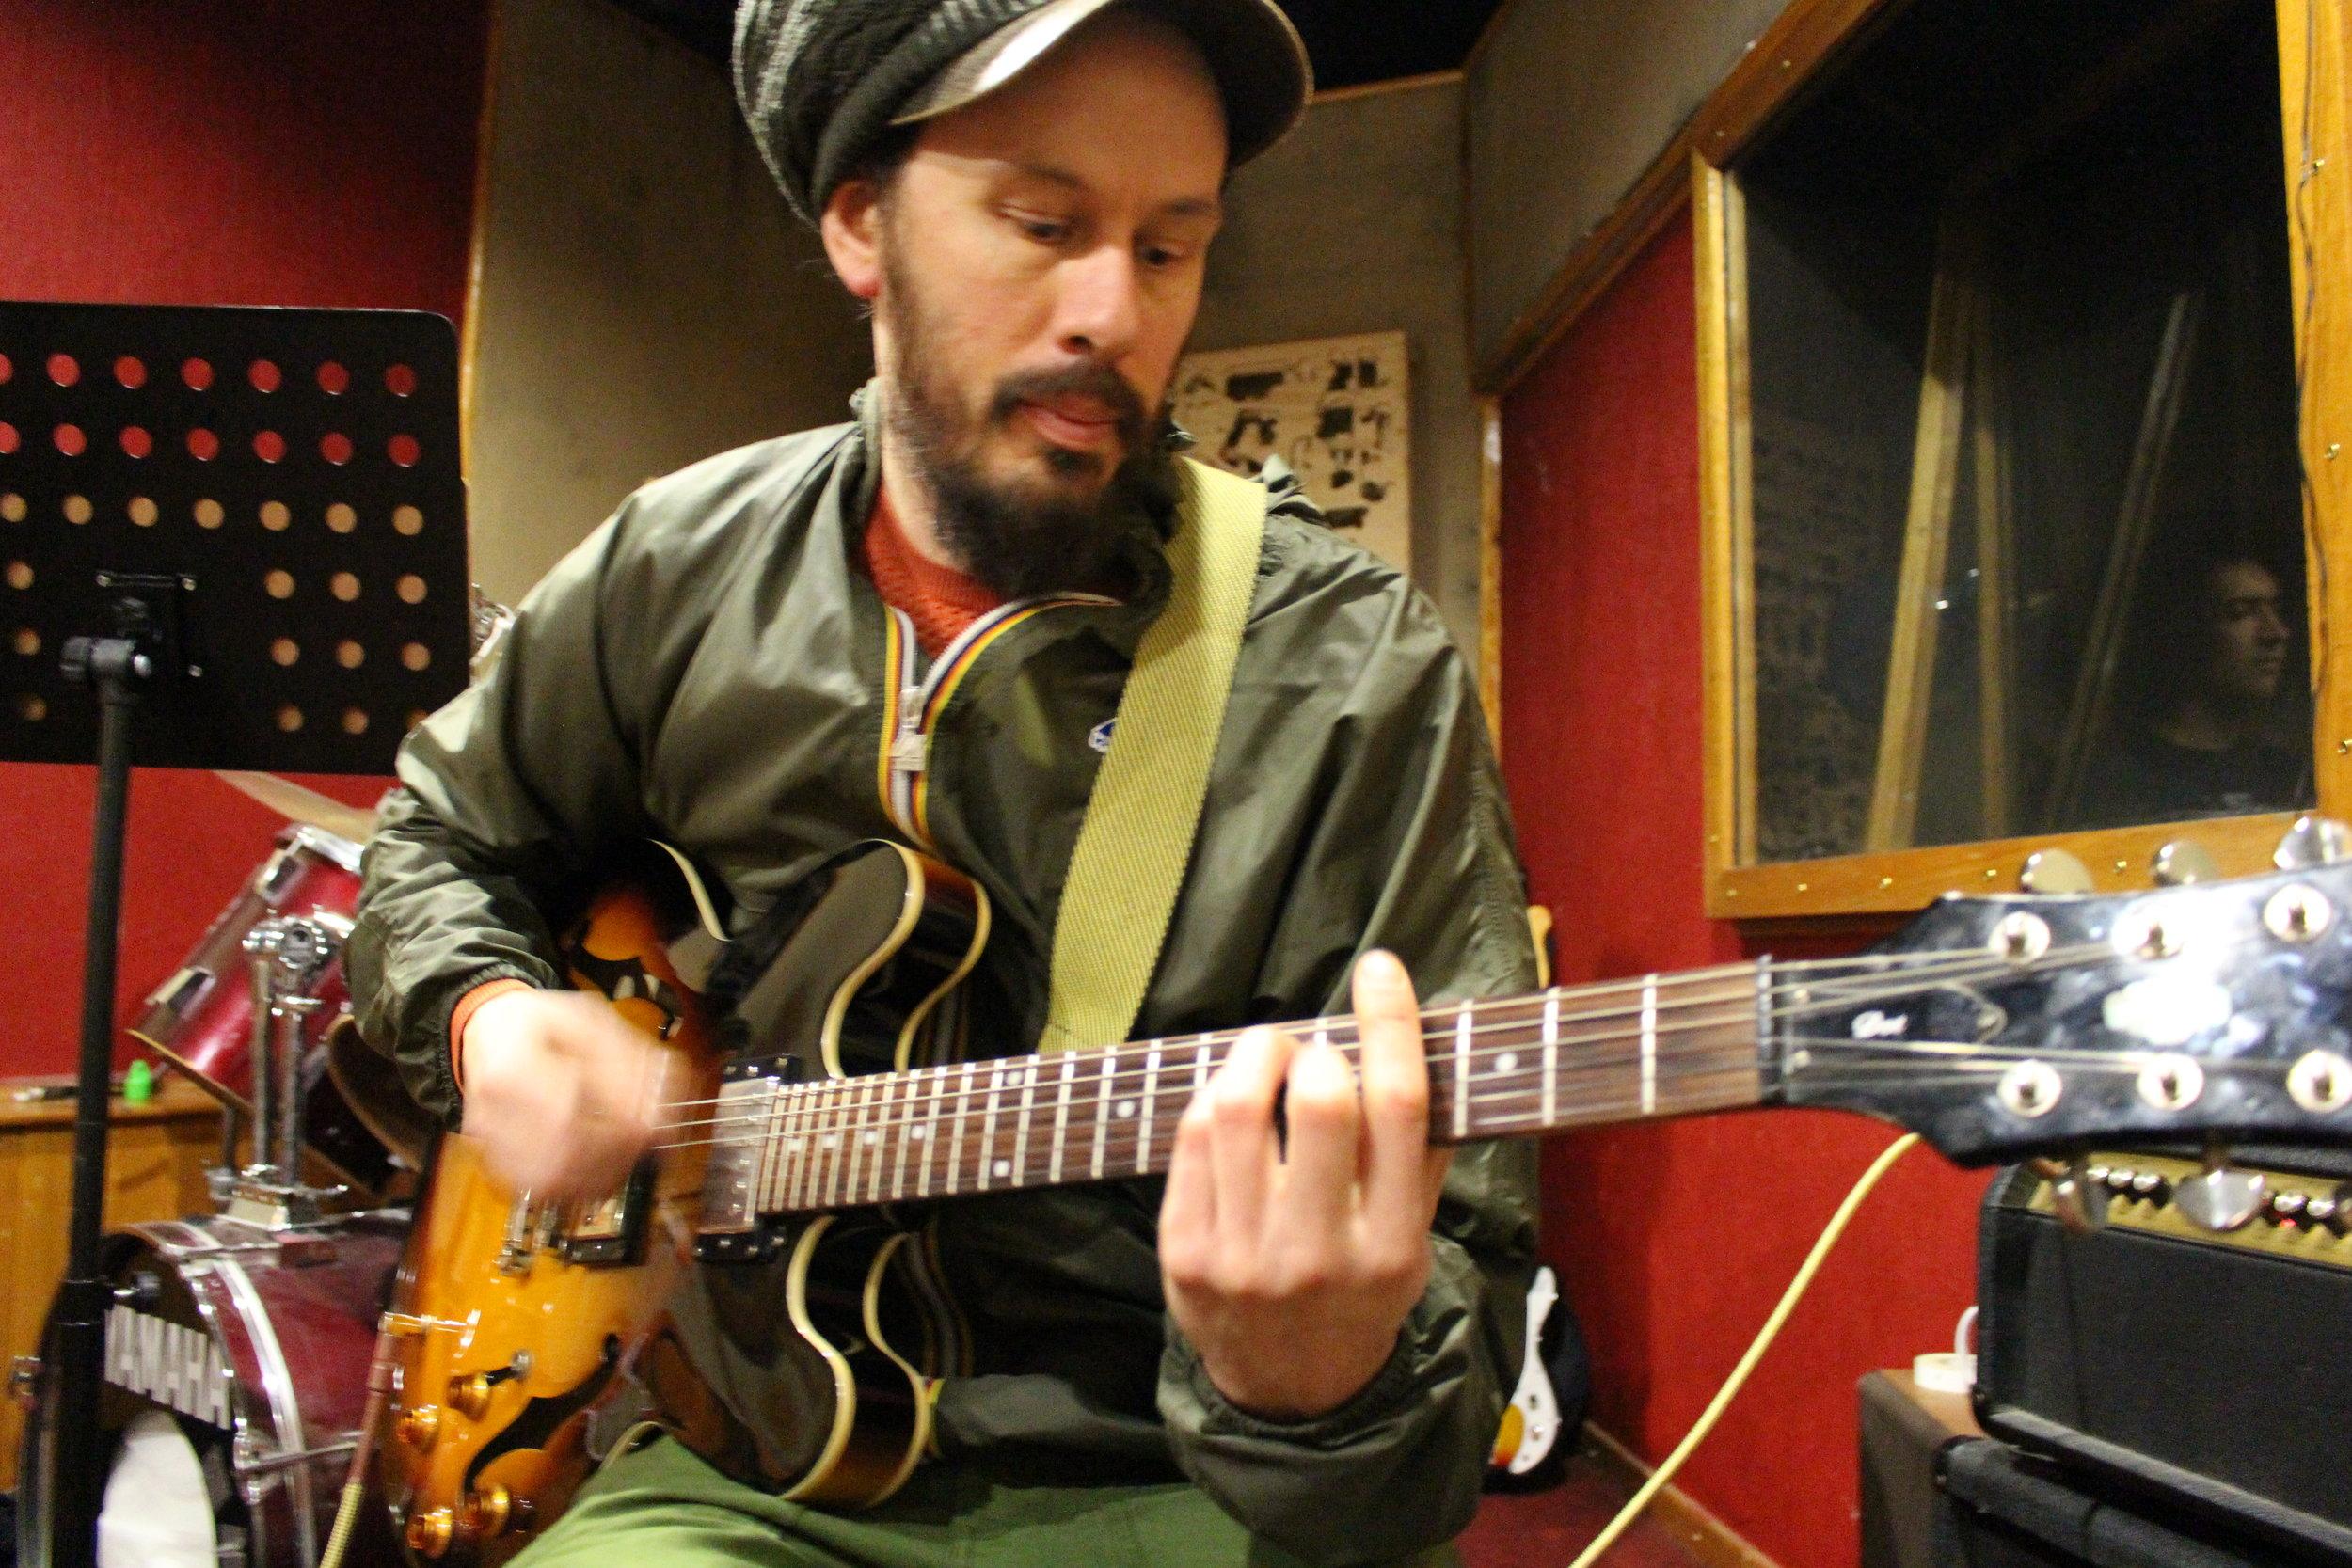 David Lunley - Music Workshop leader